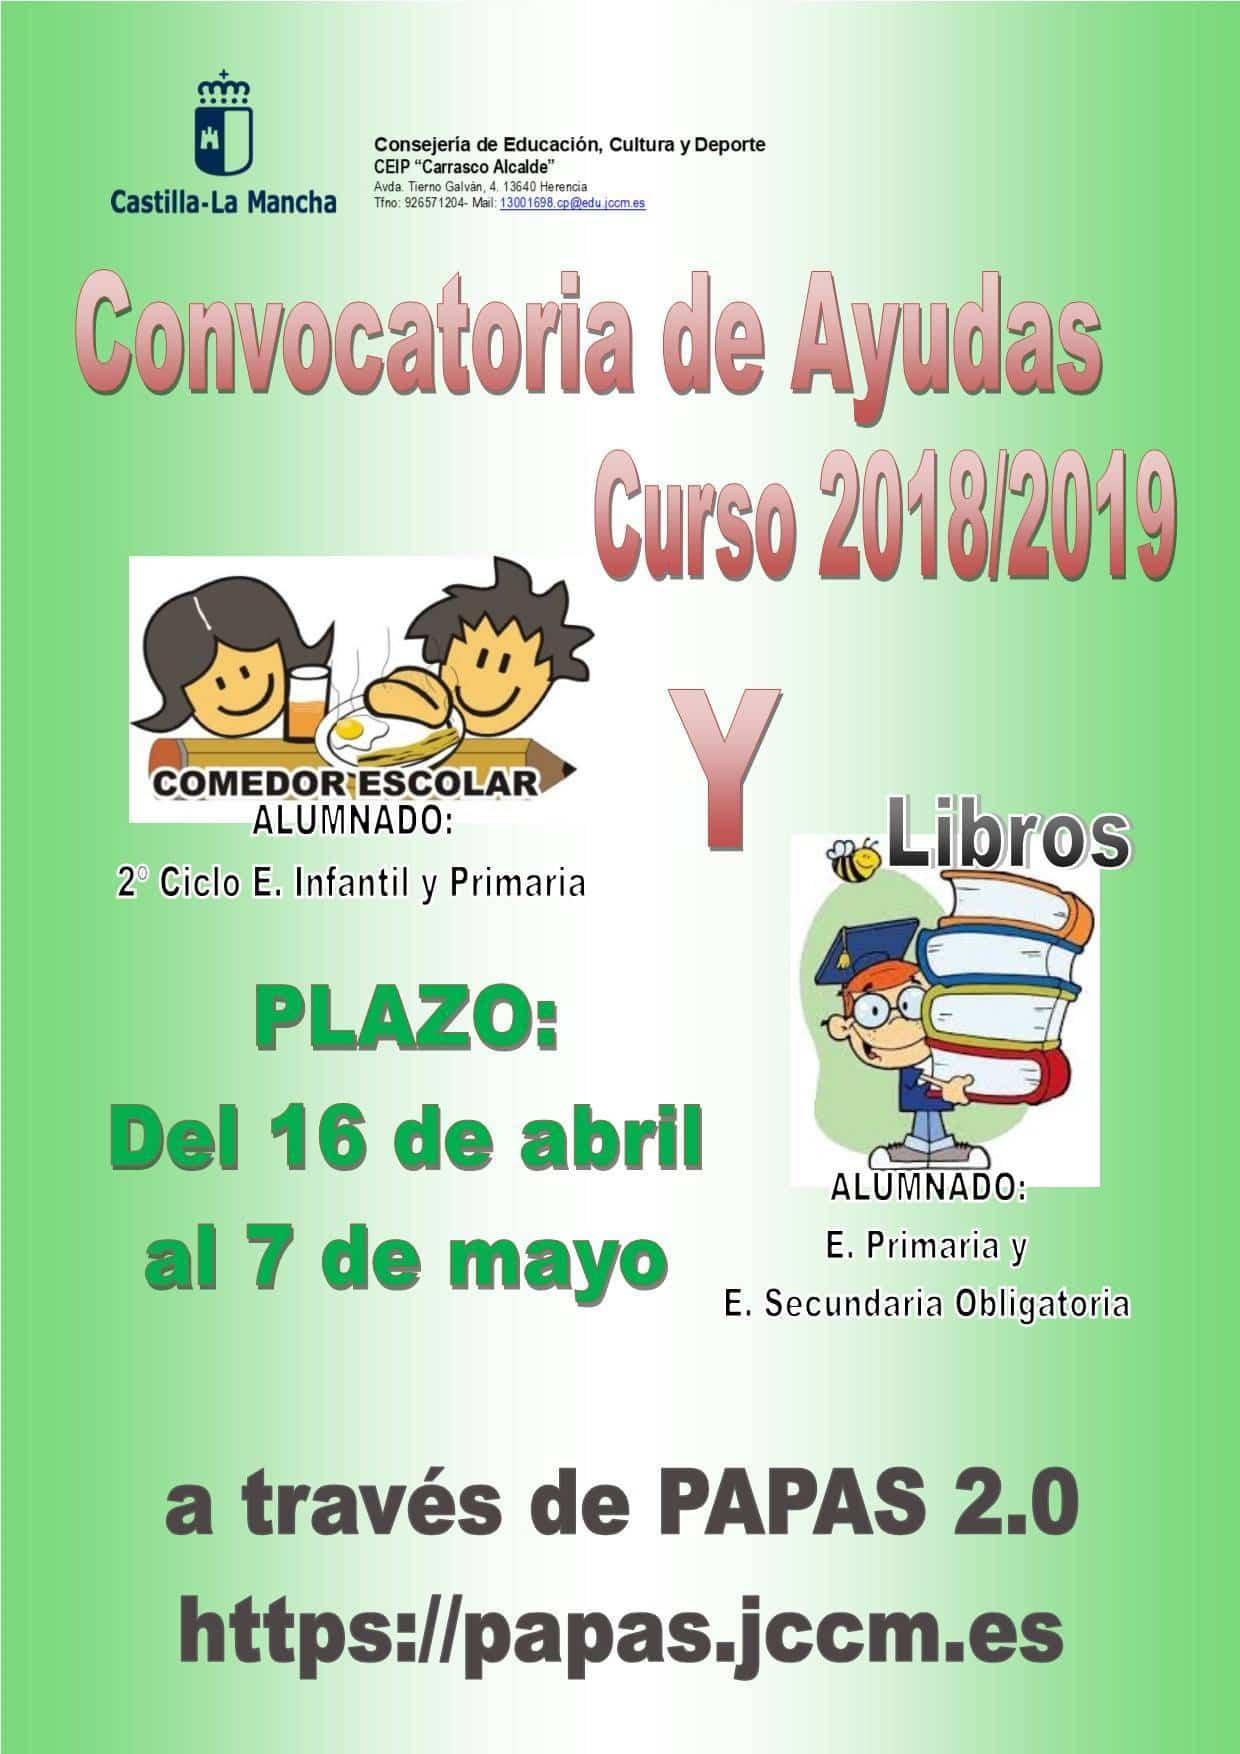 convocatoria ayuda libros comedor - Convocatoria de ayudas para comedor escolar y libros para curso 2018/2019